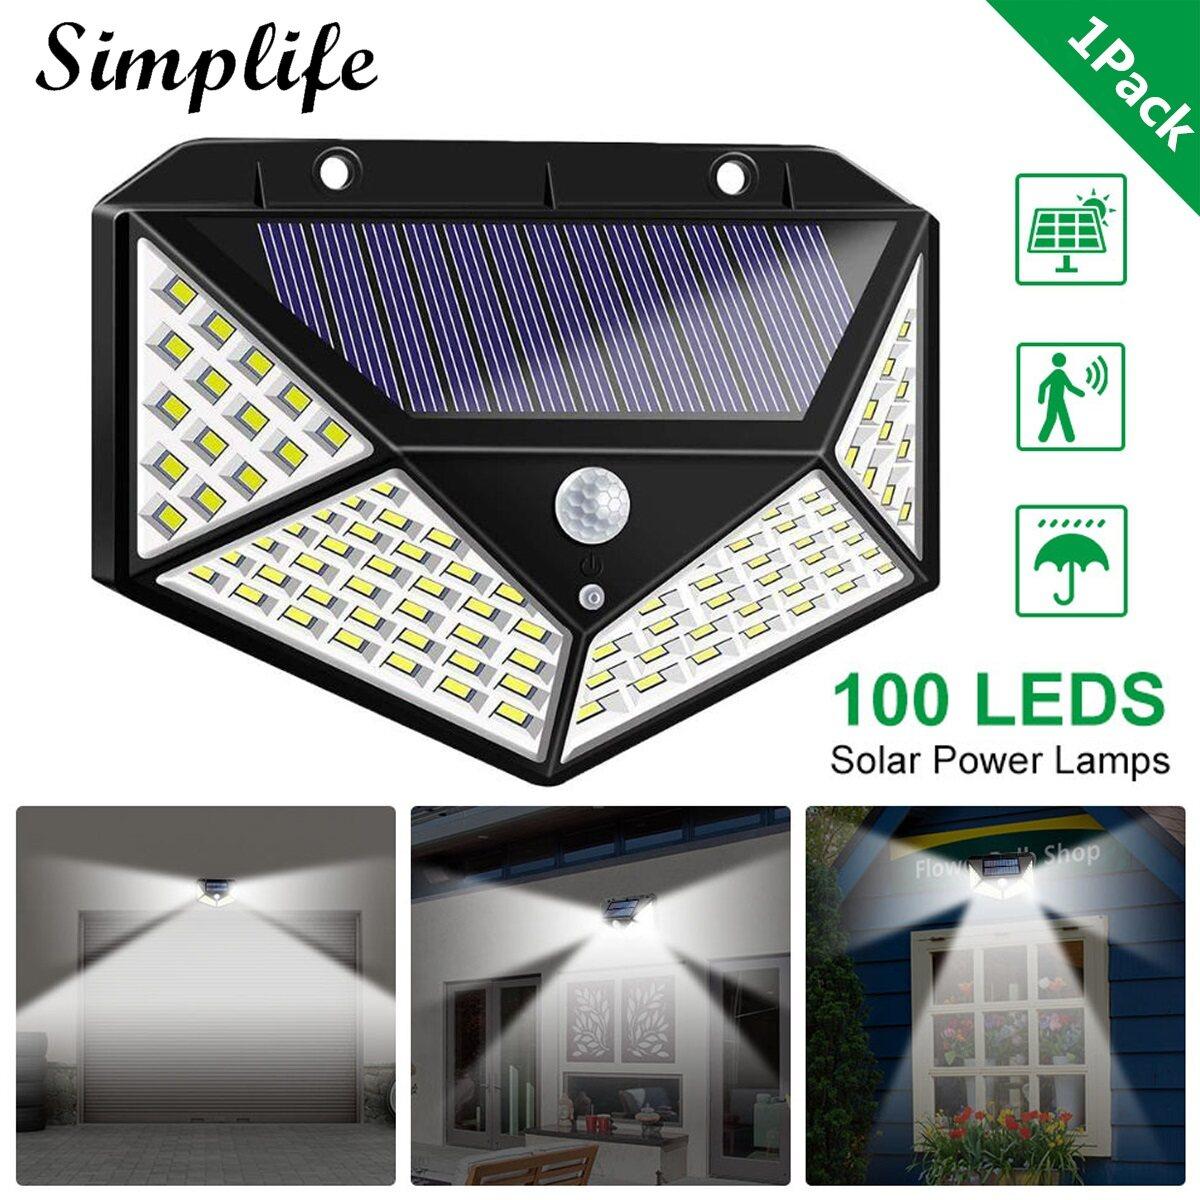 Đèn cảm biến chuyển động với 100 bóng Led sử dụng năng lượng mặt trời có khả năng chống nước IP65 góc rộng 270 độ gắn trên tường thích hợp dùng trong sân vườn cầu thang ga-ra hành lang hàng rào - INTL